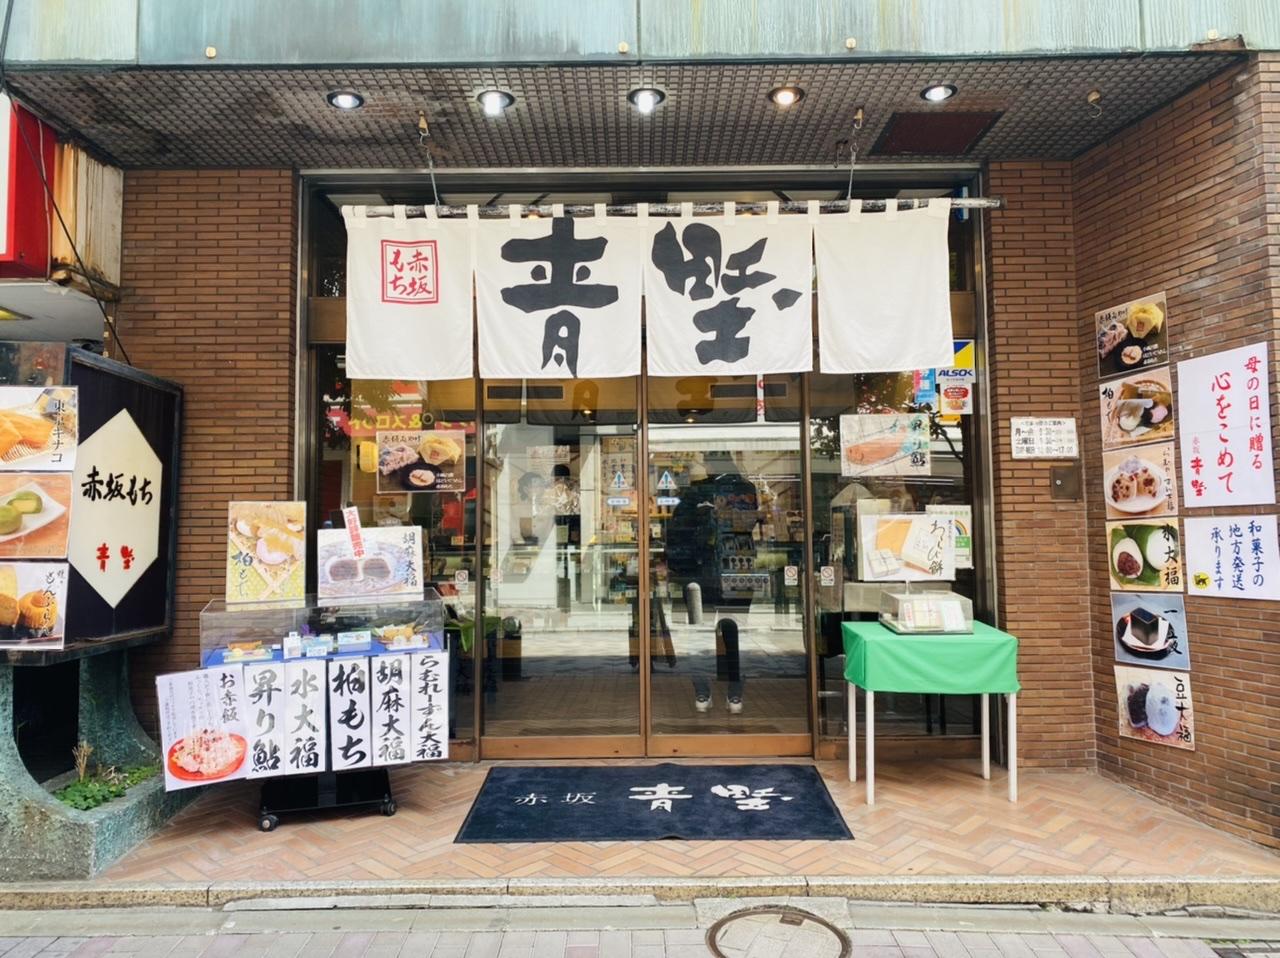 【赤坂青野】和菓子を買うならココ!小風呂敷包みがおしゃれ《赤坂もち》が絶品♡_1